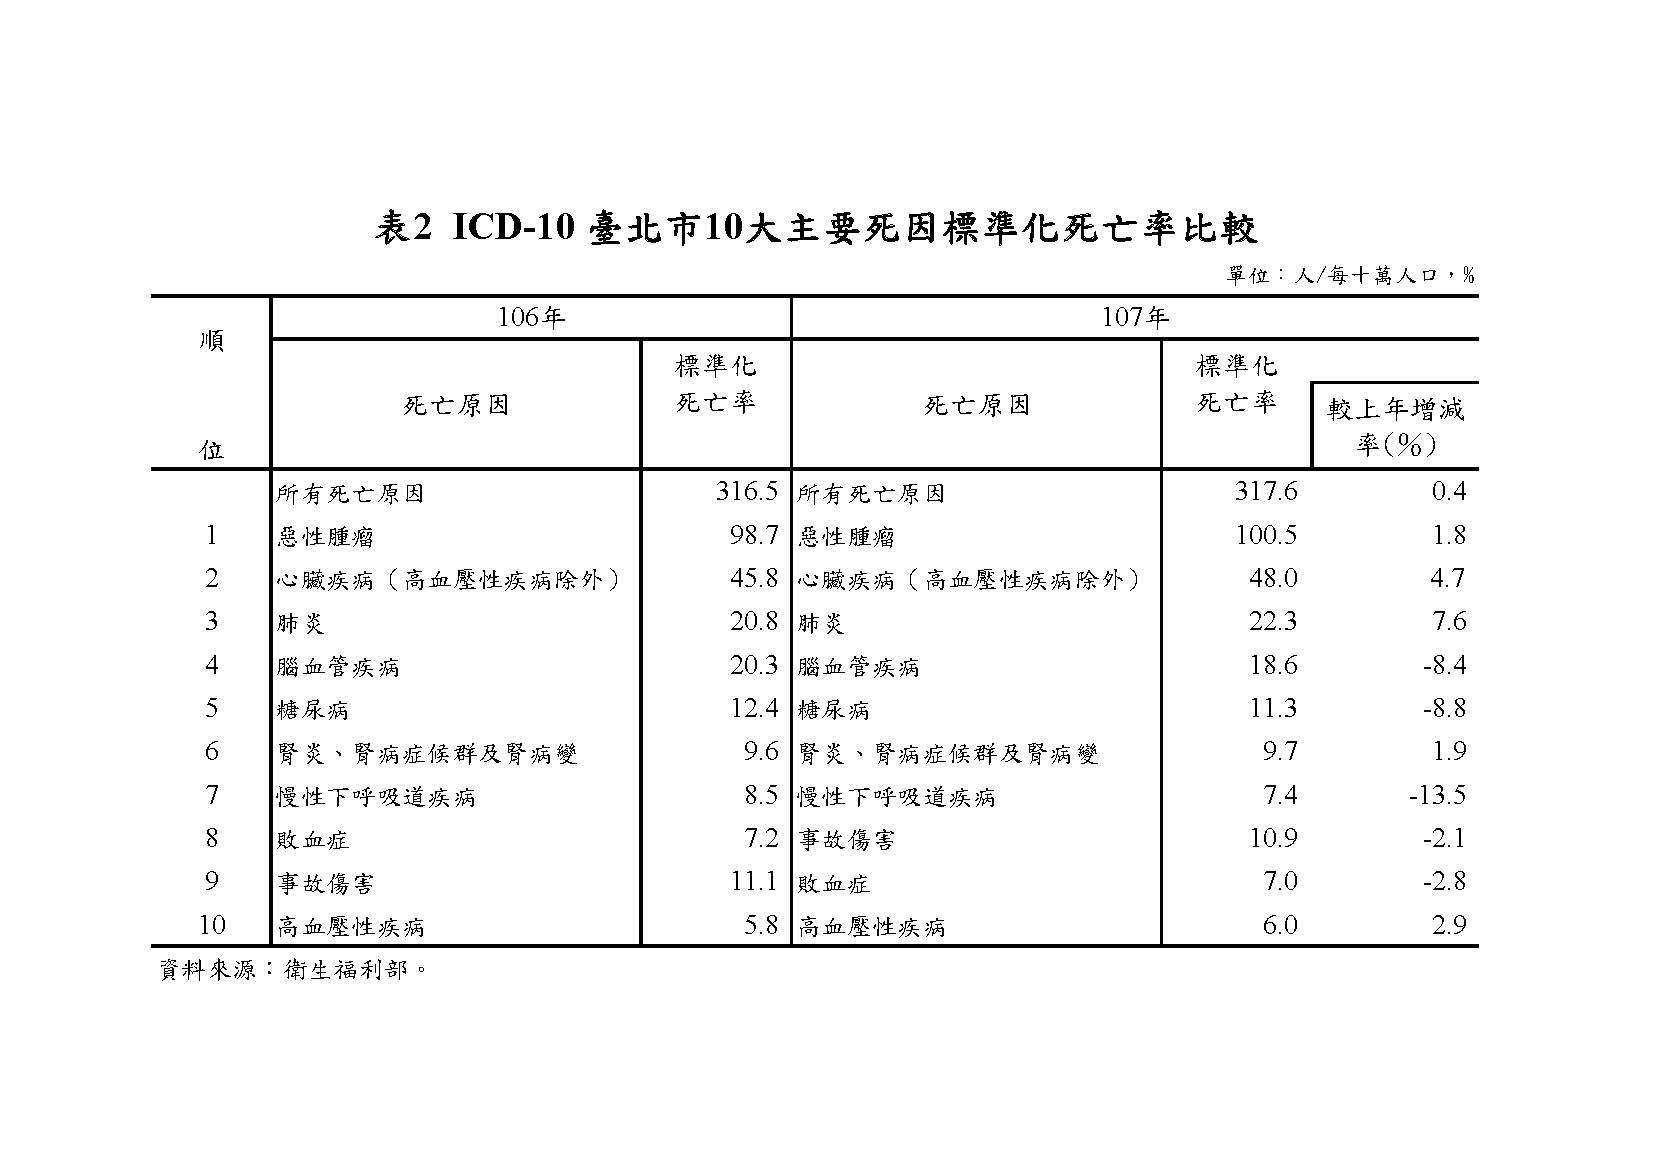 表2  ICD-10 臺北市10大主要死因標準化死亡率比較